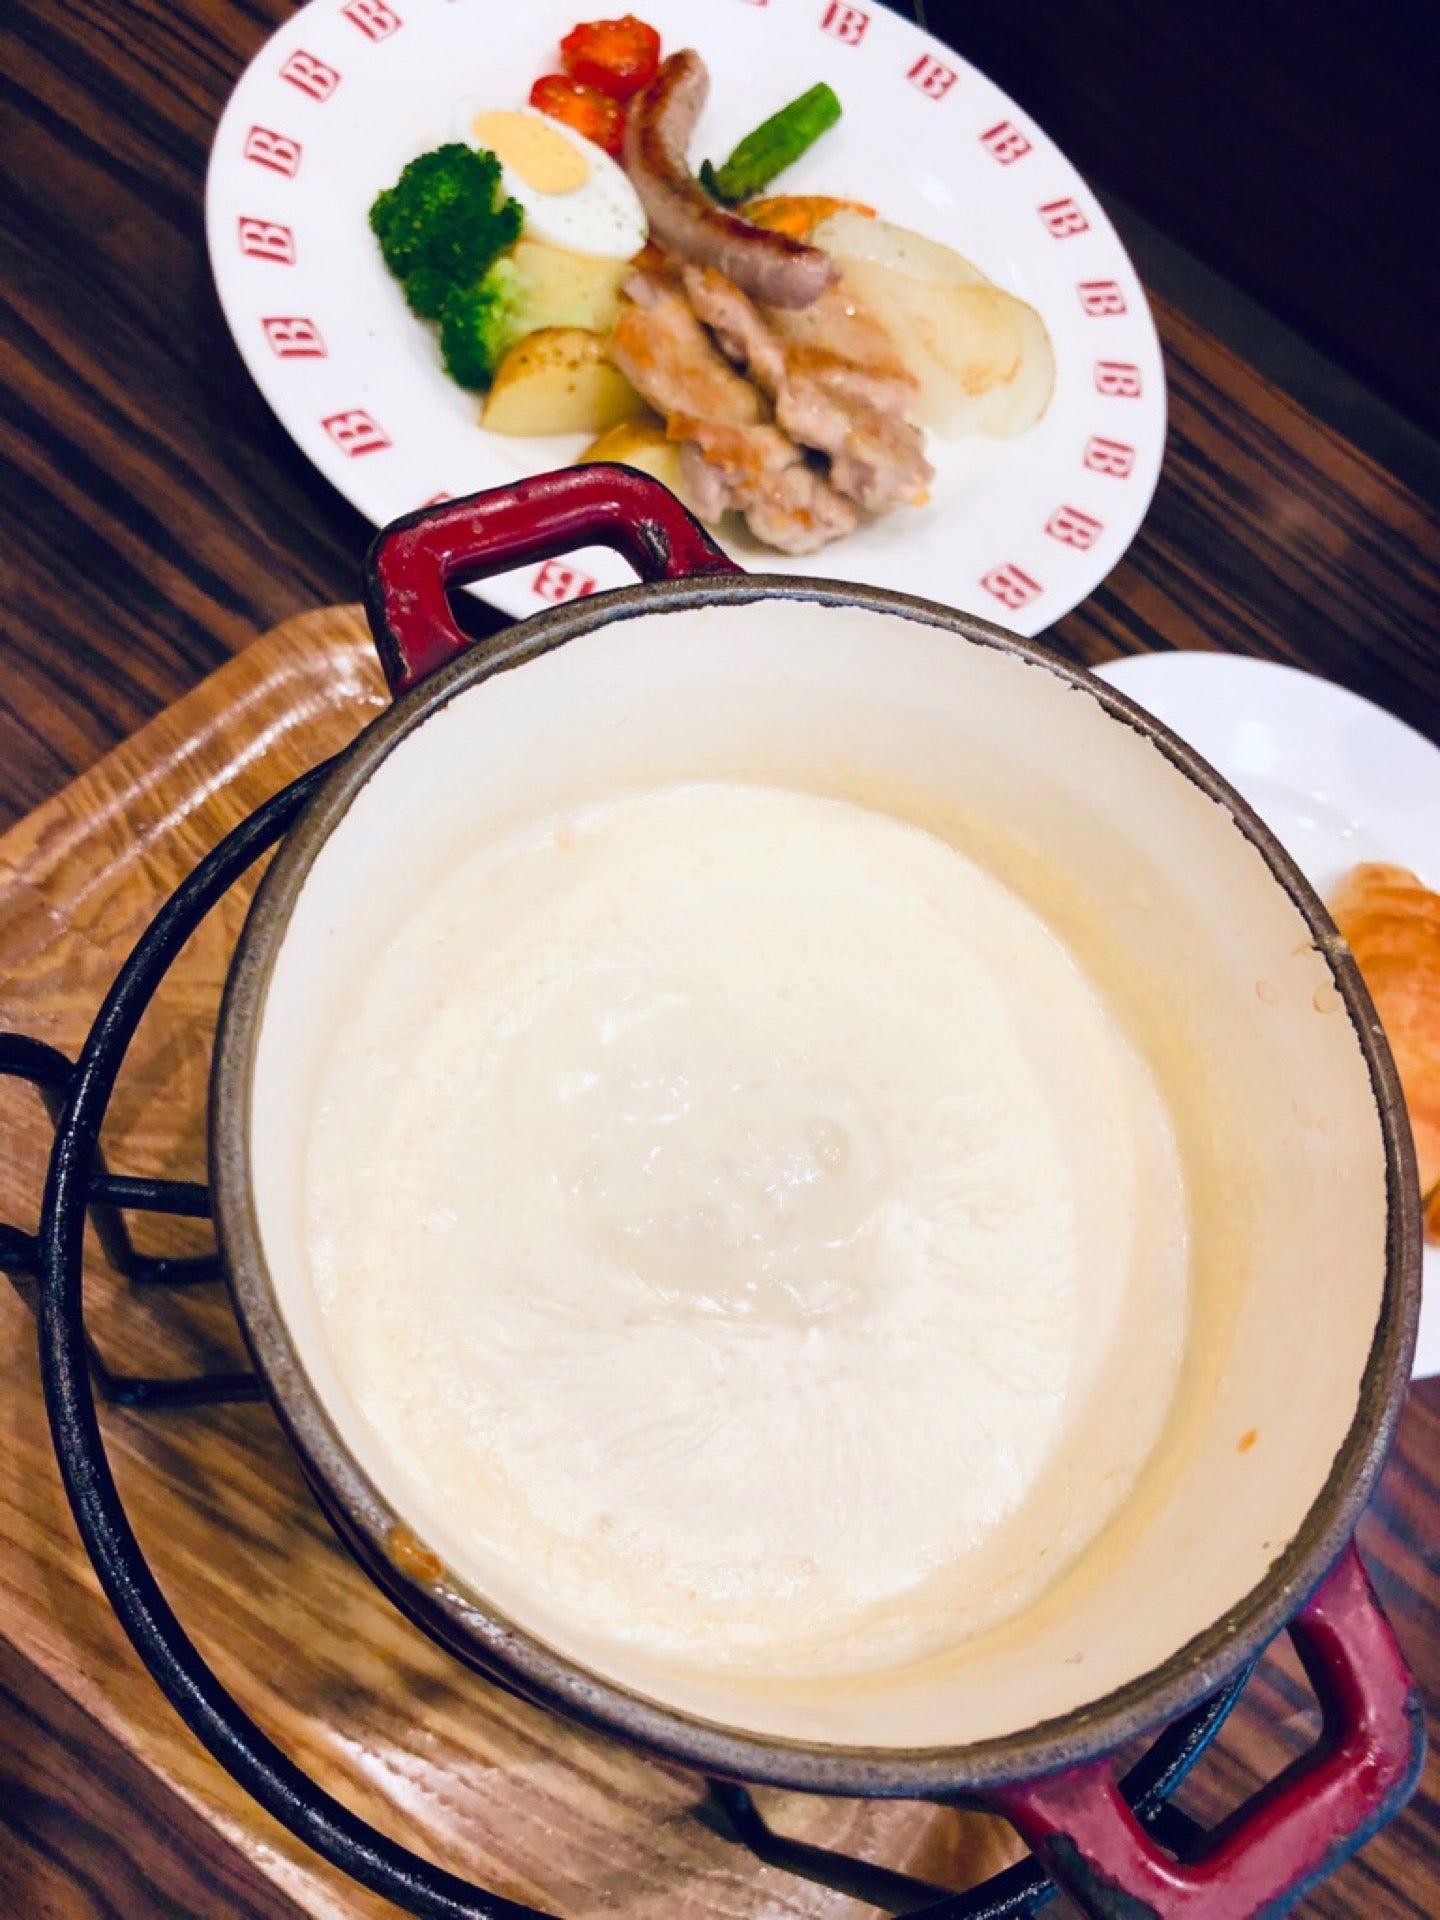 チーズフォンデュ (@ BAQET エアポートウォーク店 in 豊山町, 愛知県) https://t.co/fpcqy4ti7l https://t.co/qhNSH4t96c